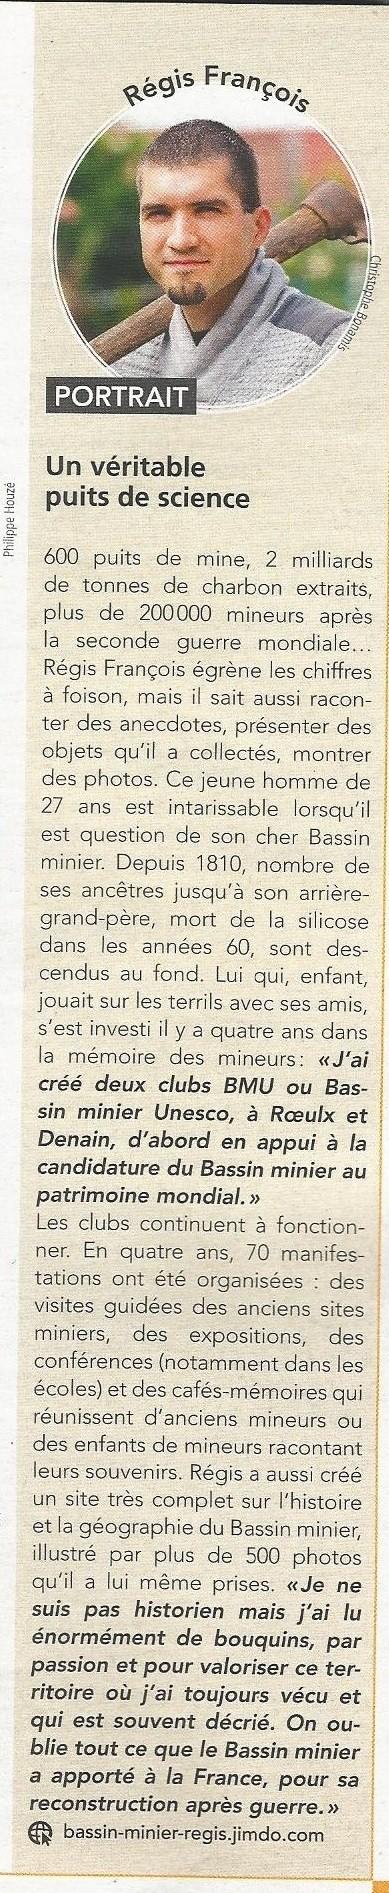 Magazine Le Nord publié le 17/08/15